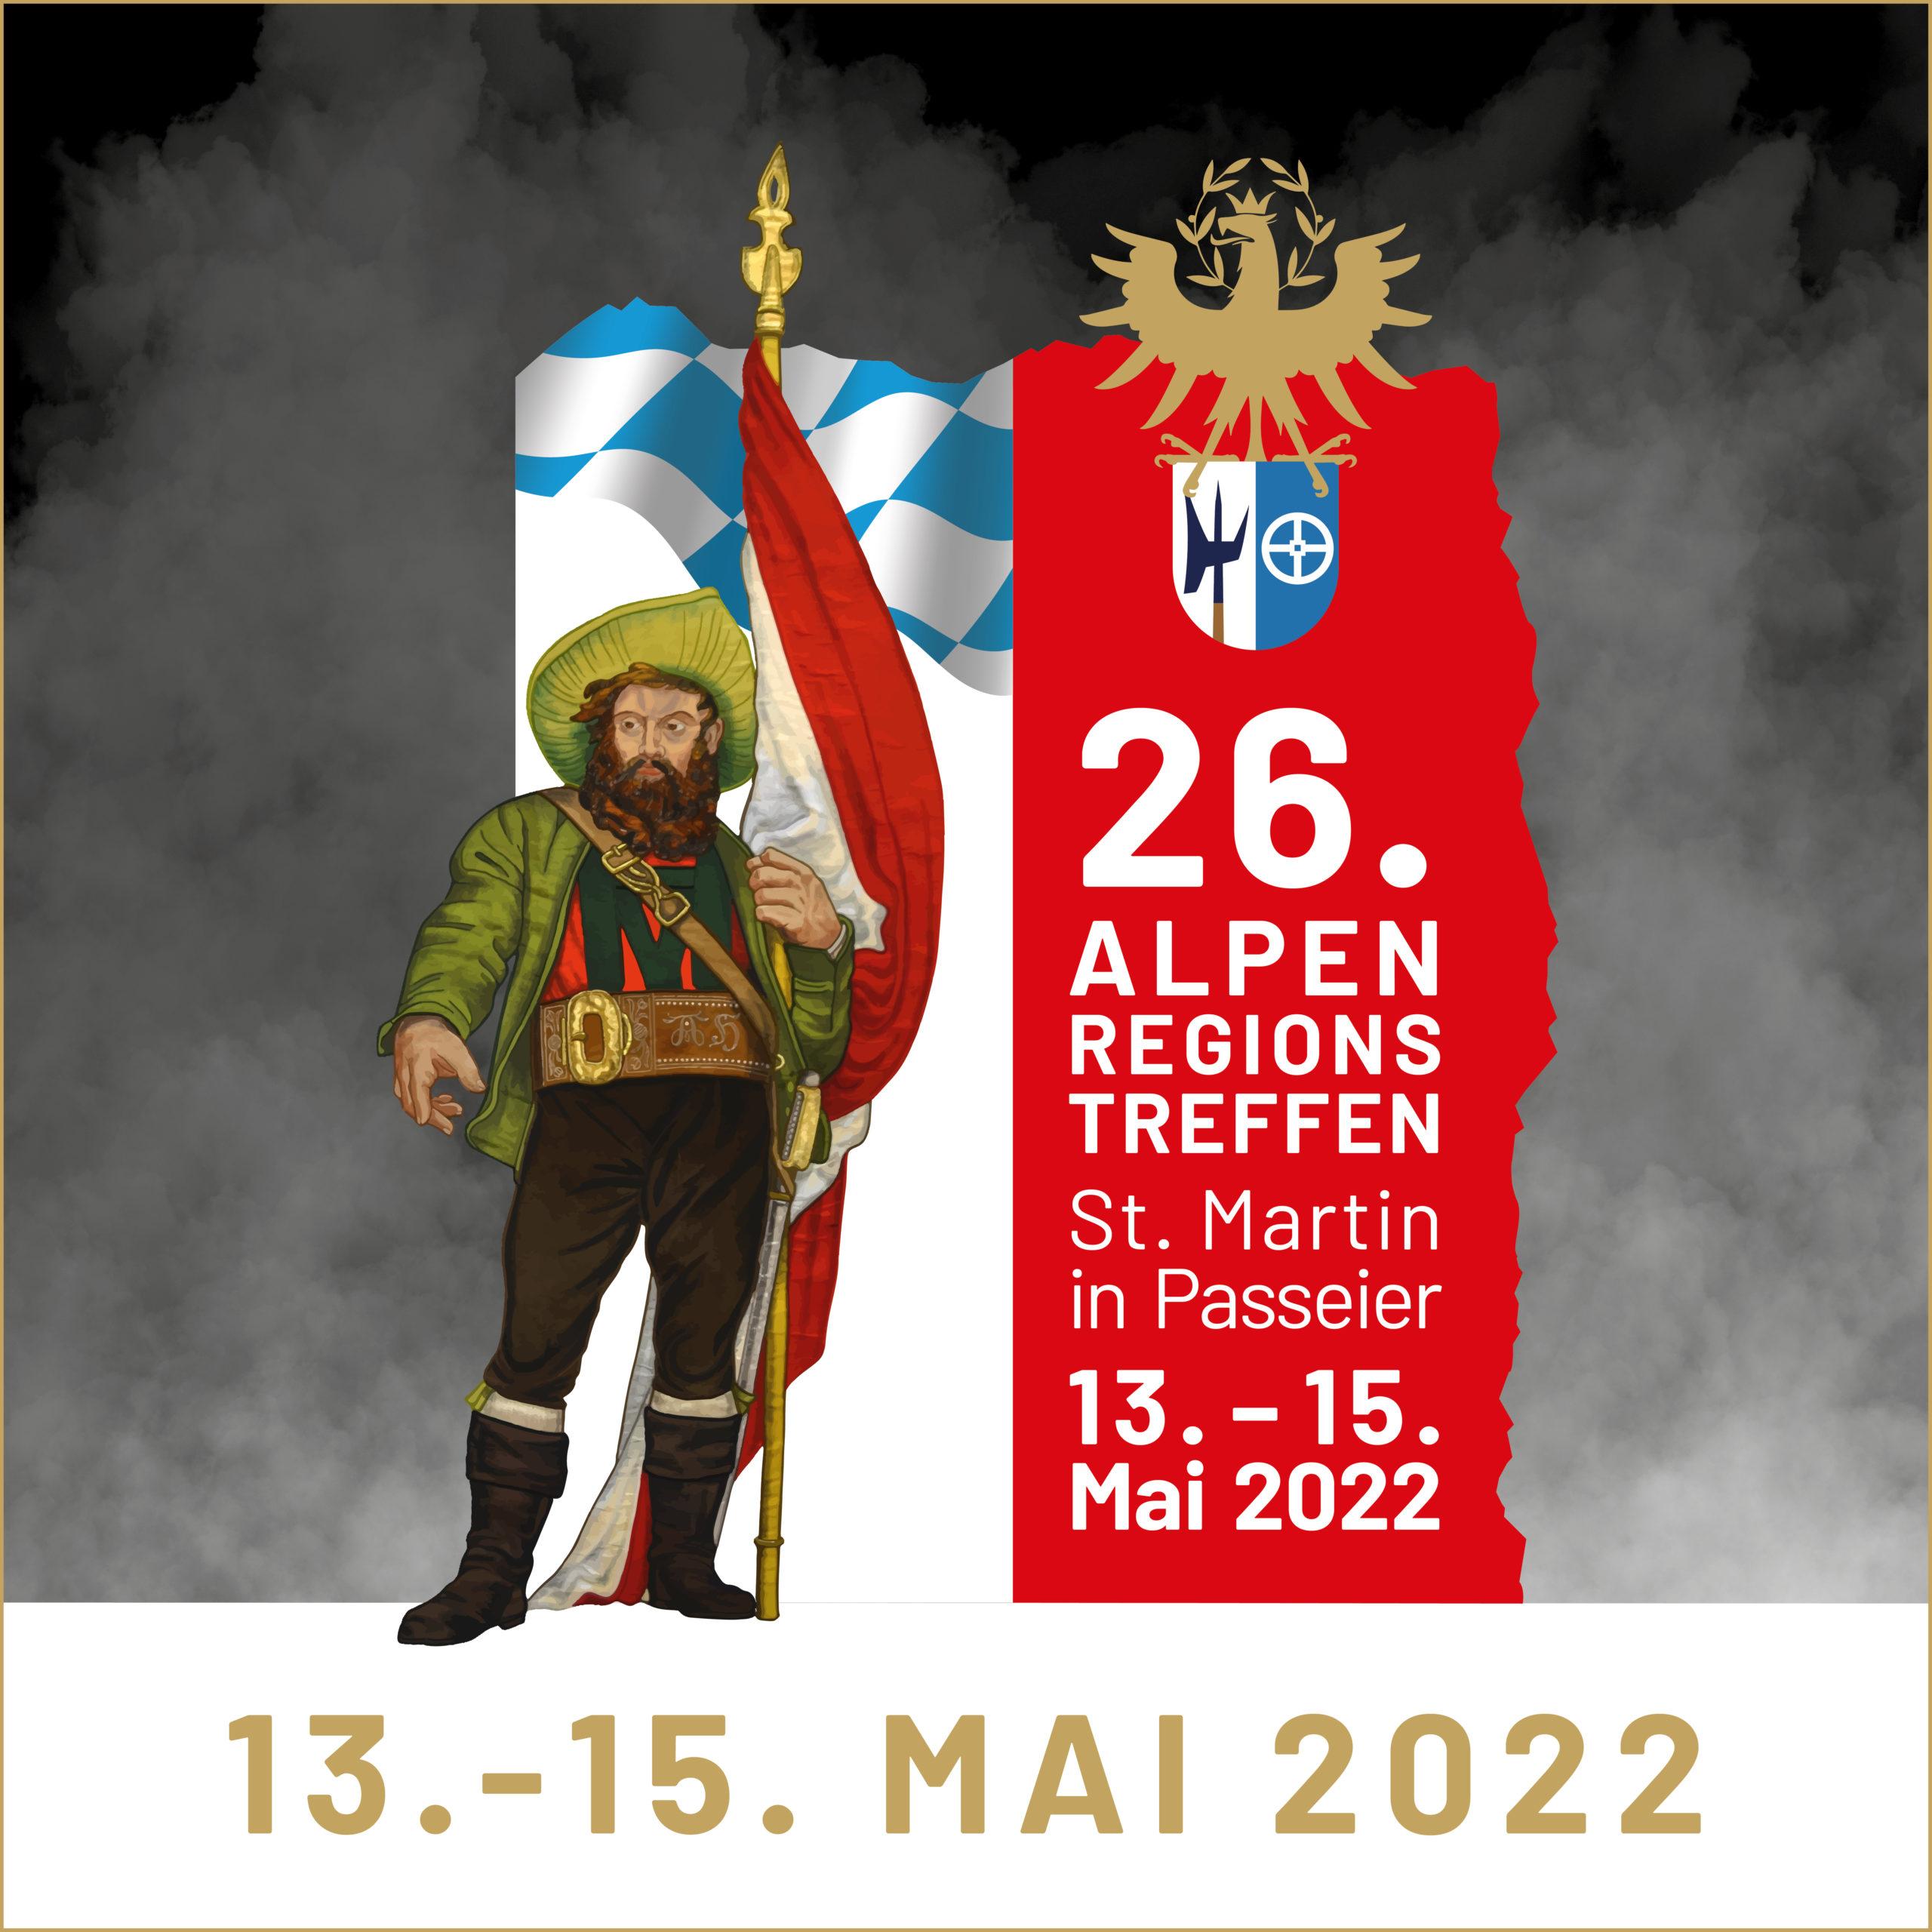 Alpenregionstreffen 2020: Alpenregionstreffen abermals auf 2022 verschoben